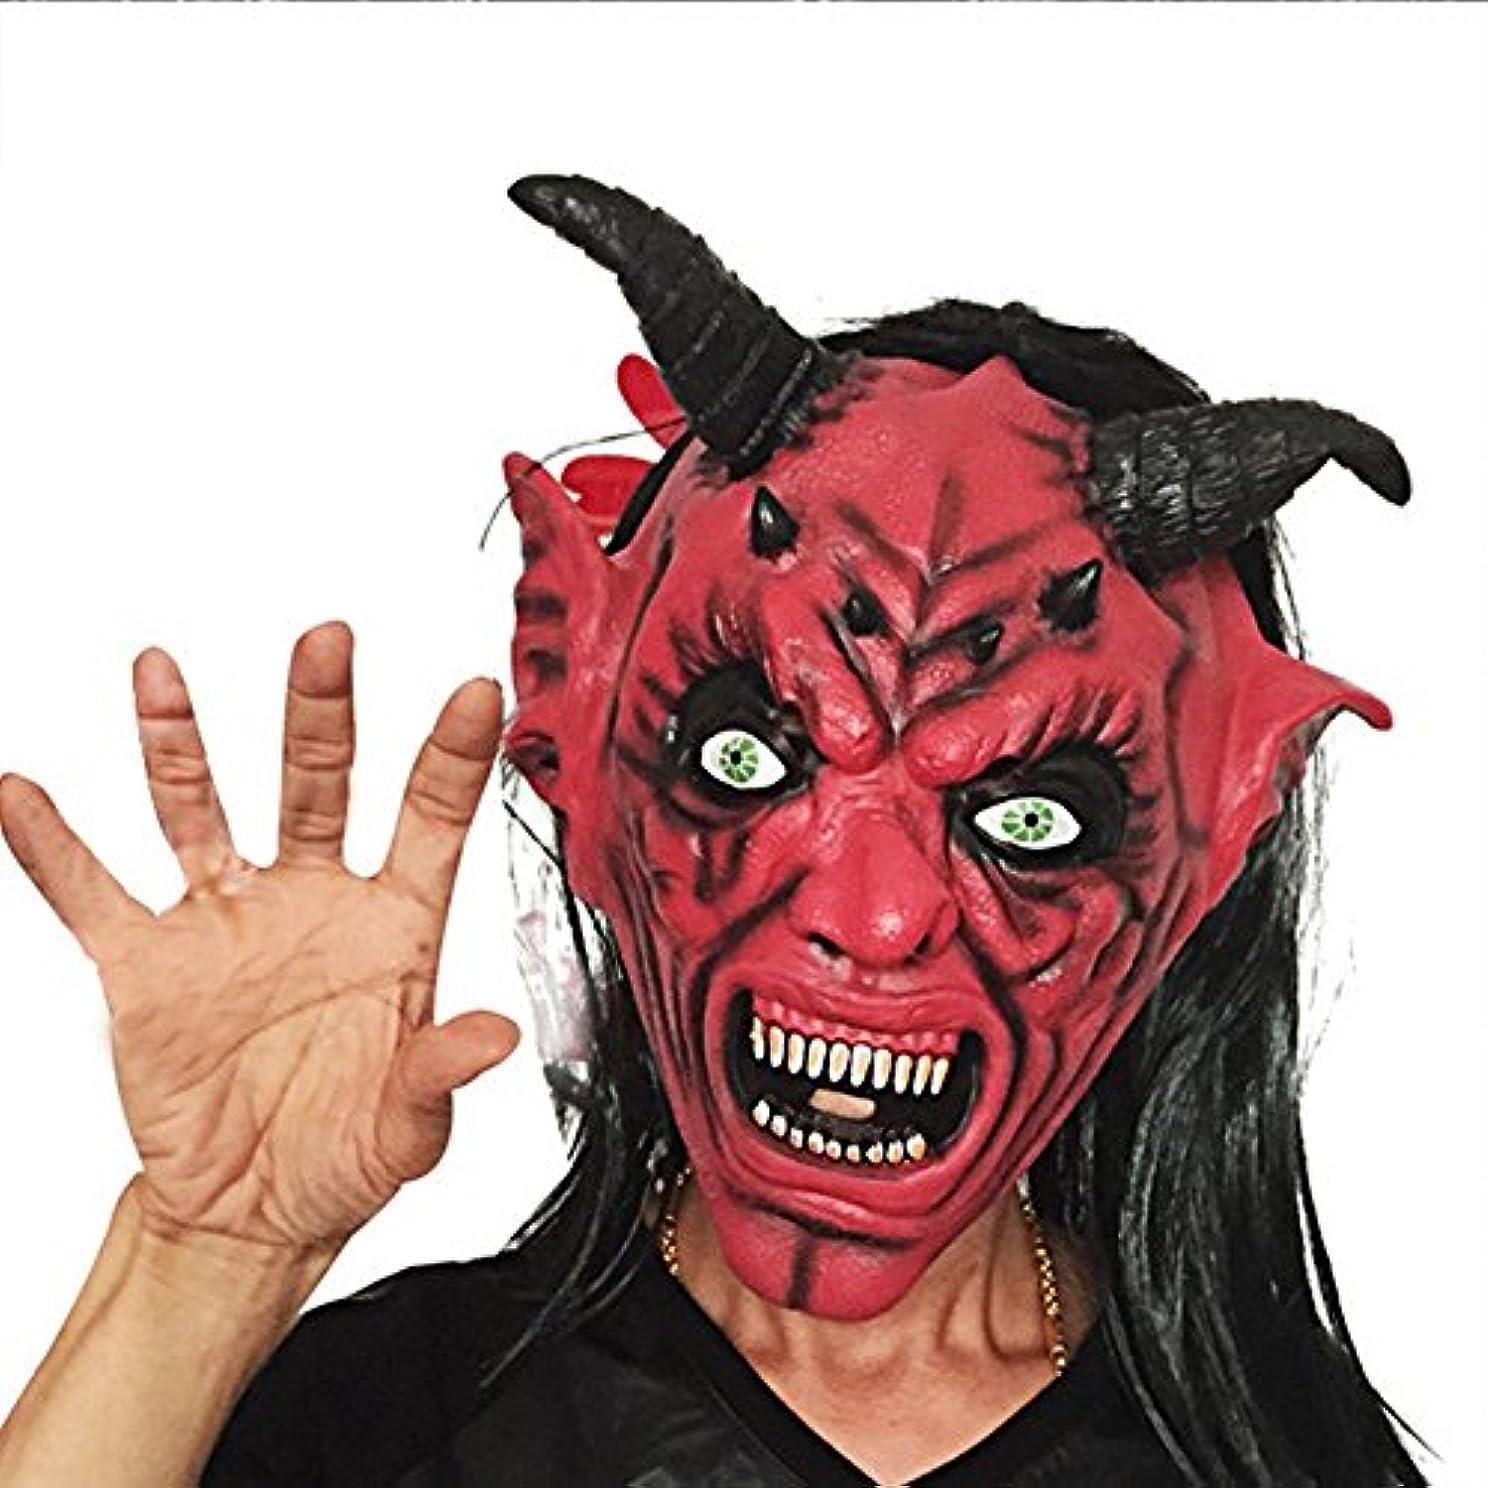 推定する四面体美しいハロウィンロングヘアレッドフェイスホーンマスクカーニバルバー怖い悪魔怖いセットレッドフェイスブラックマスク